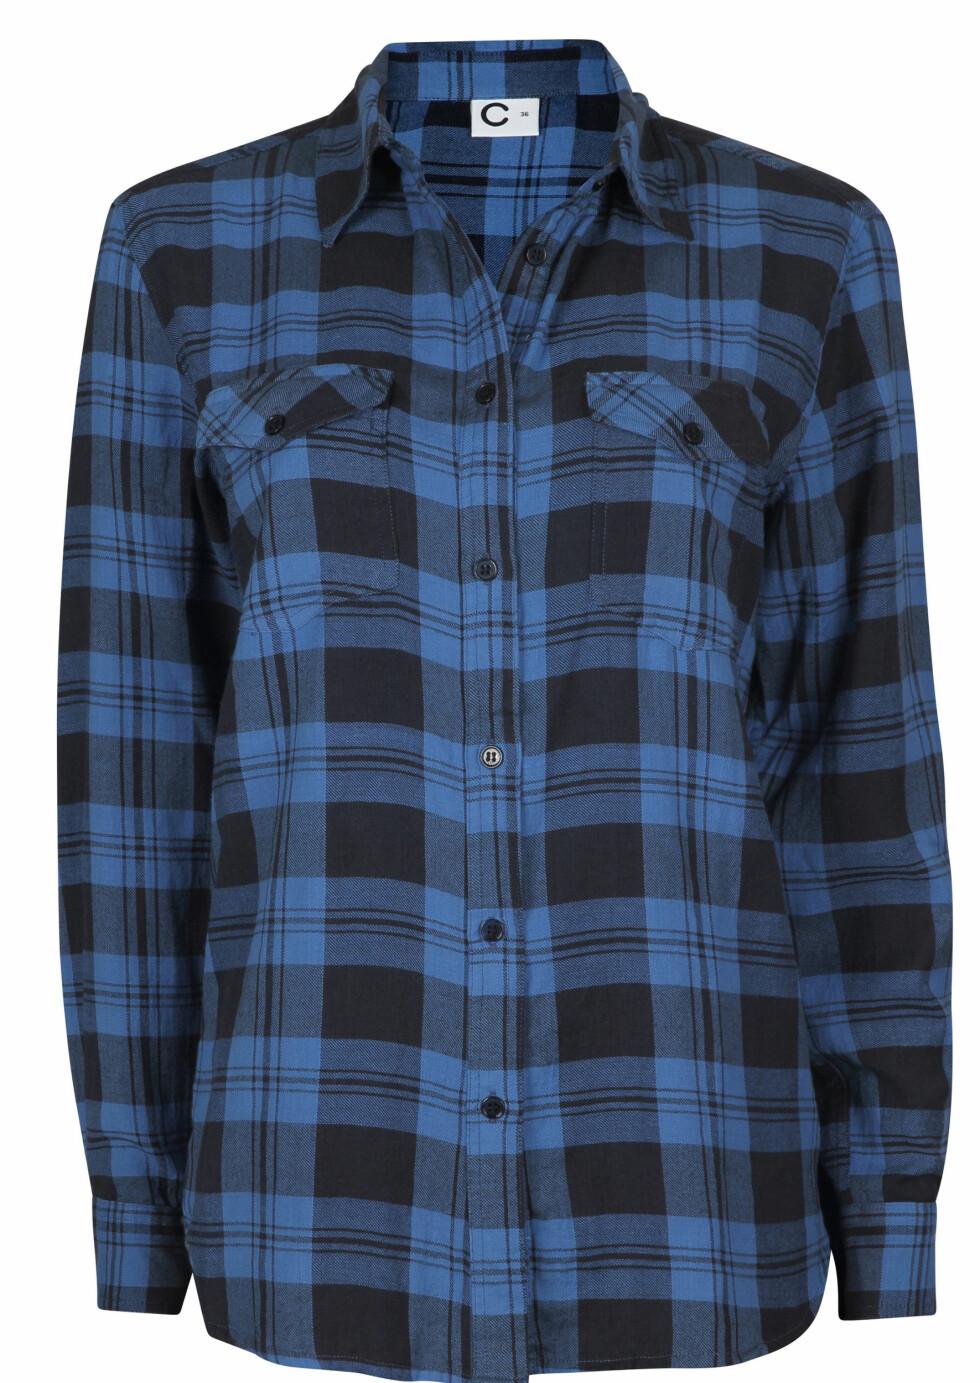 Blå (kr 250, Cubus). Foto: Produsenten